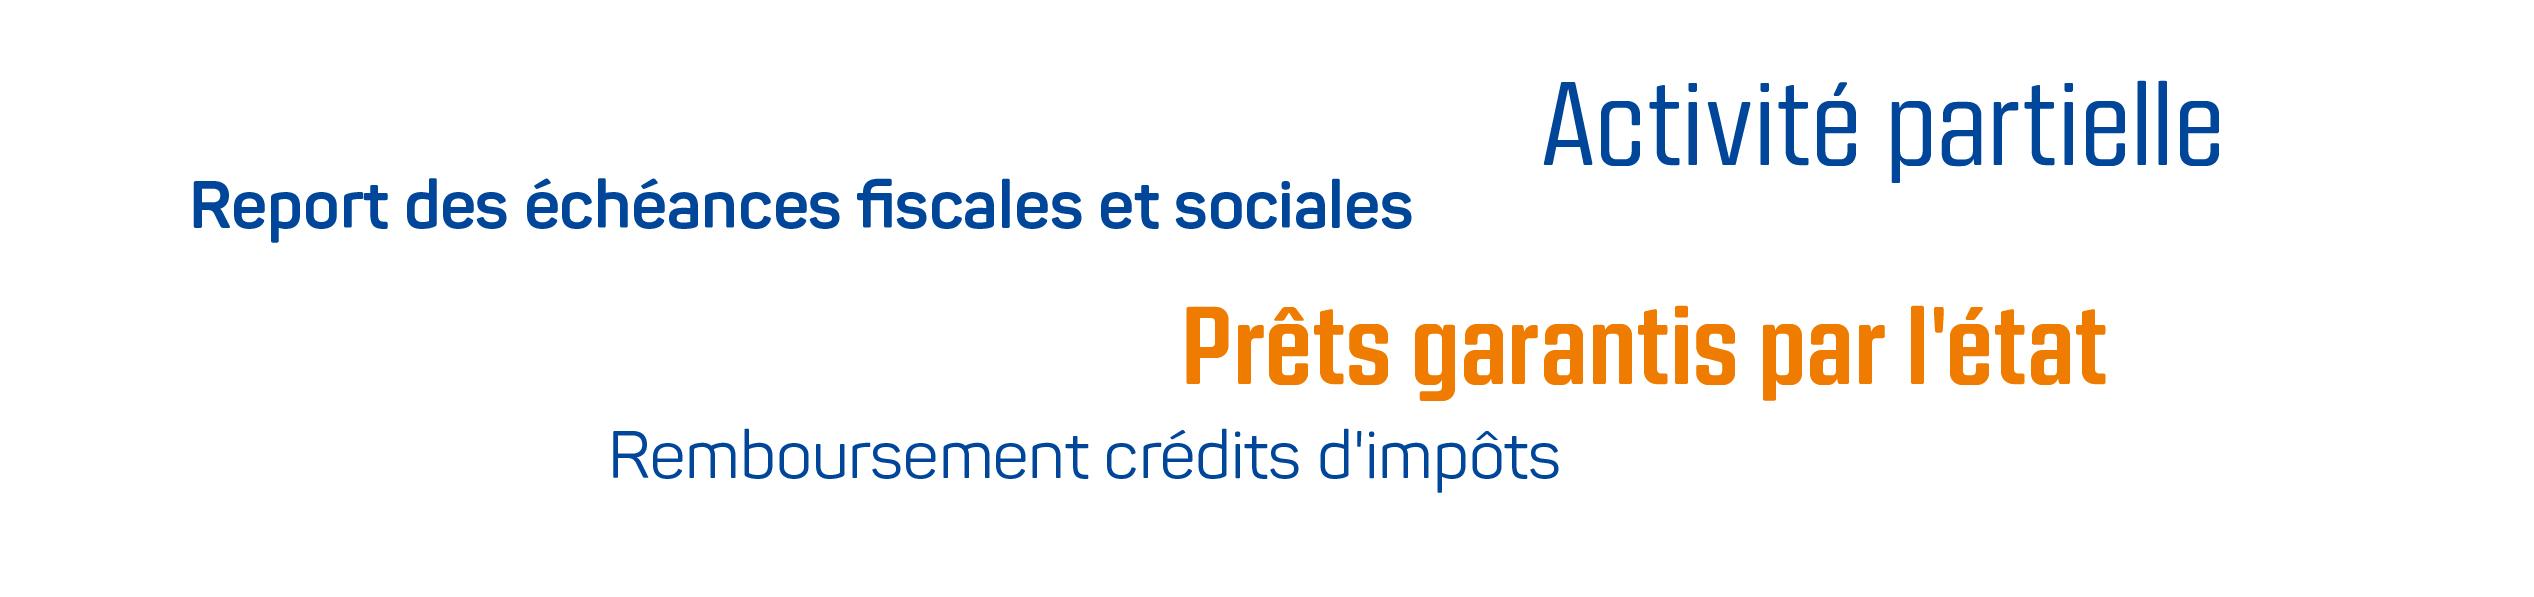 Report des échéances fiscales et sociales - Activité partielle - Prêts garantis par l'état - Remboursement crédits d'impôts